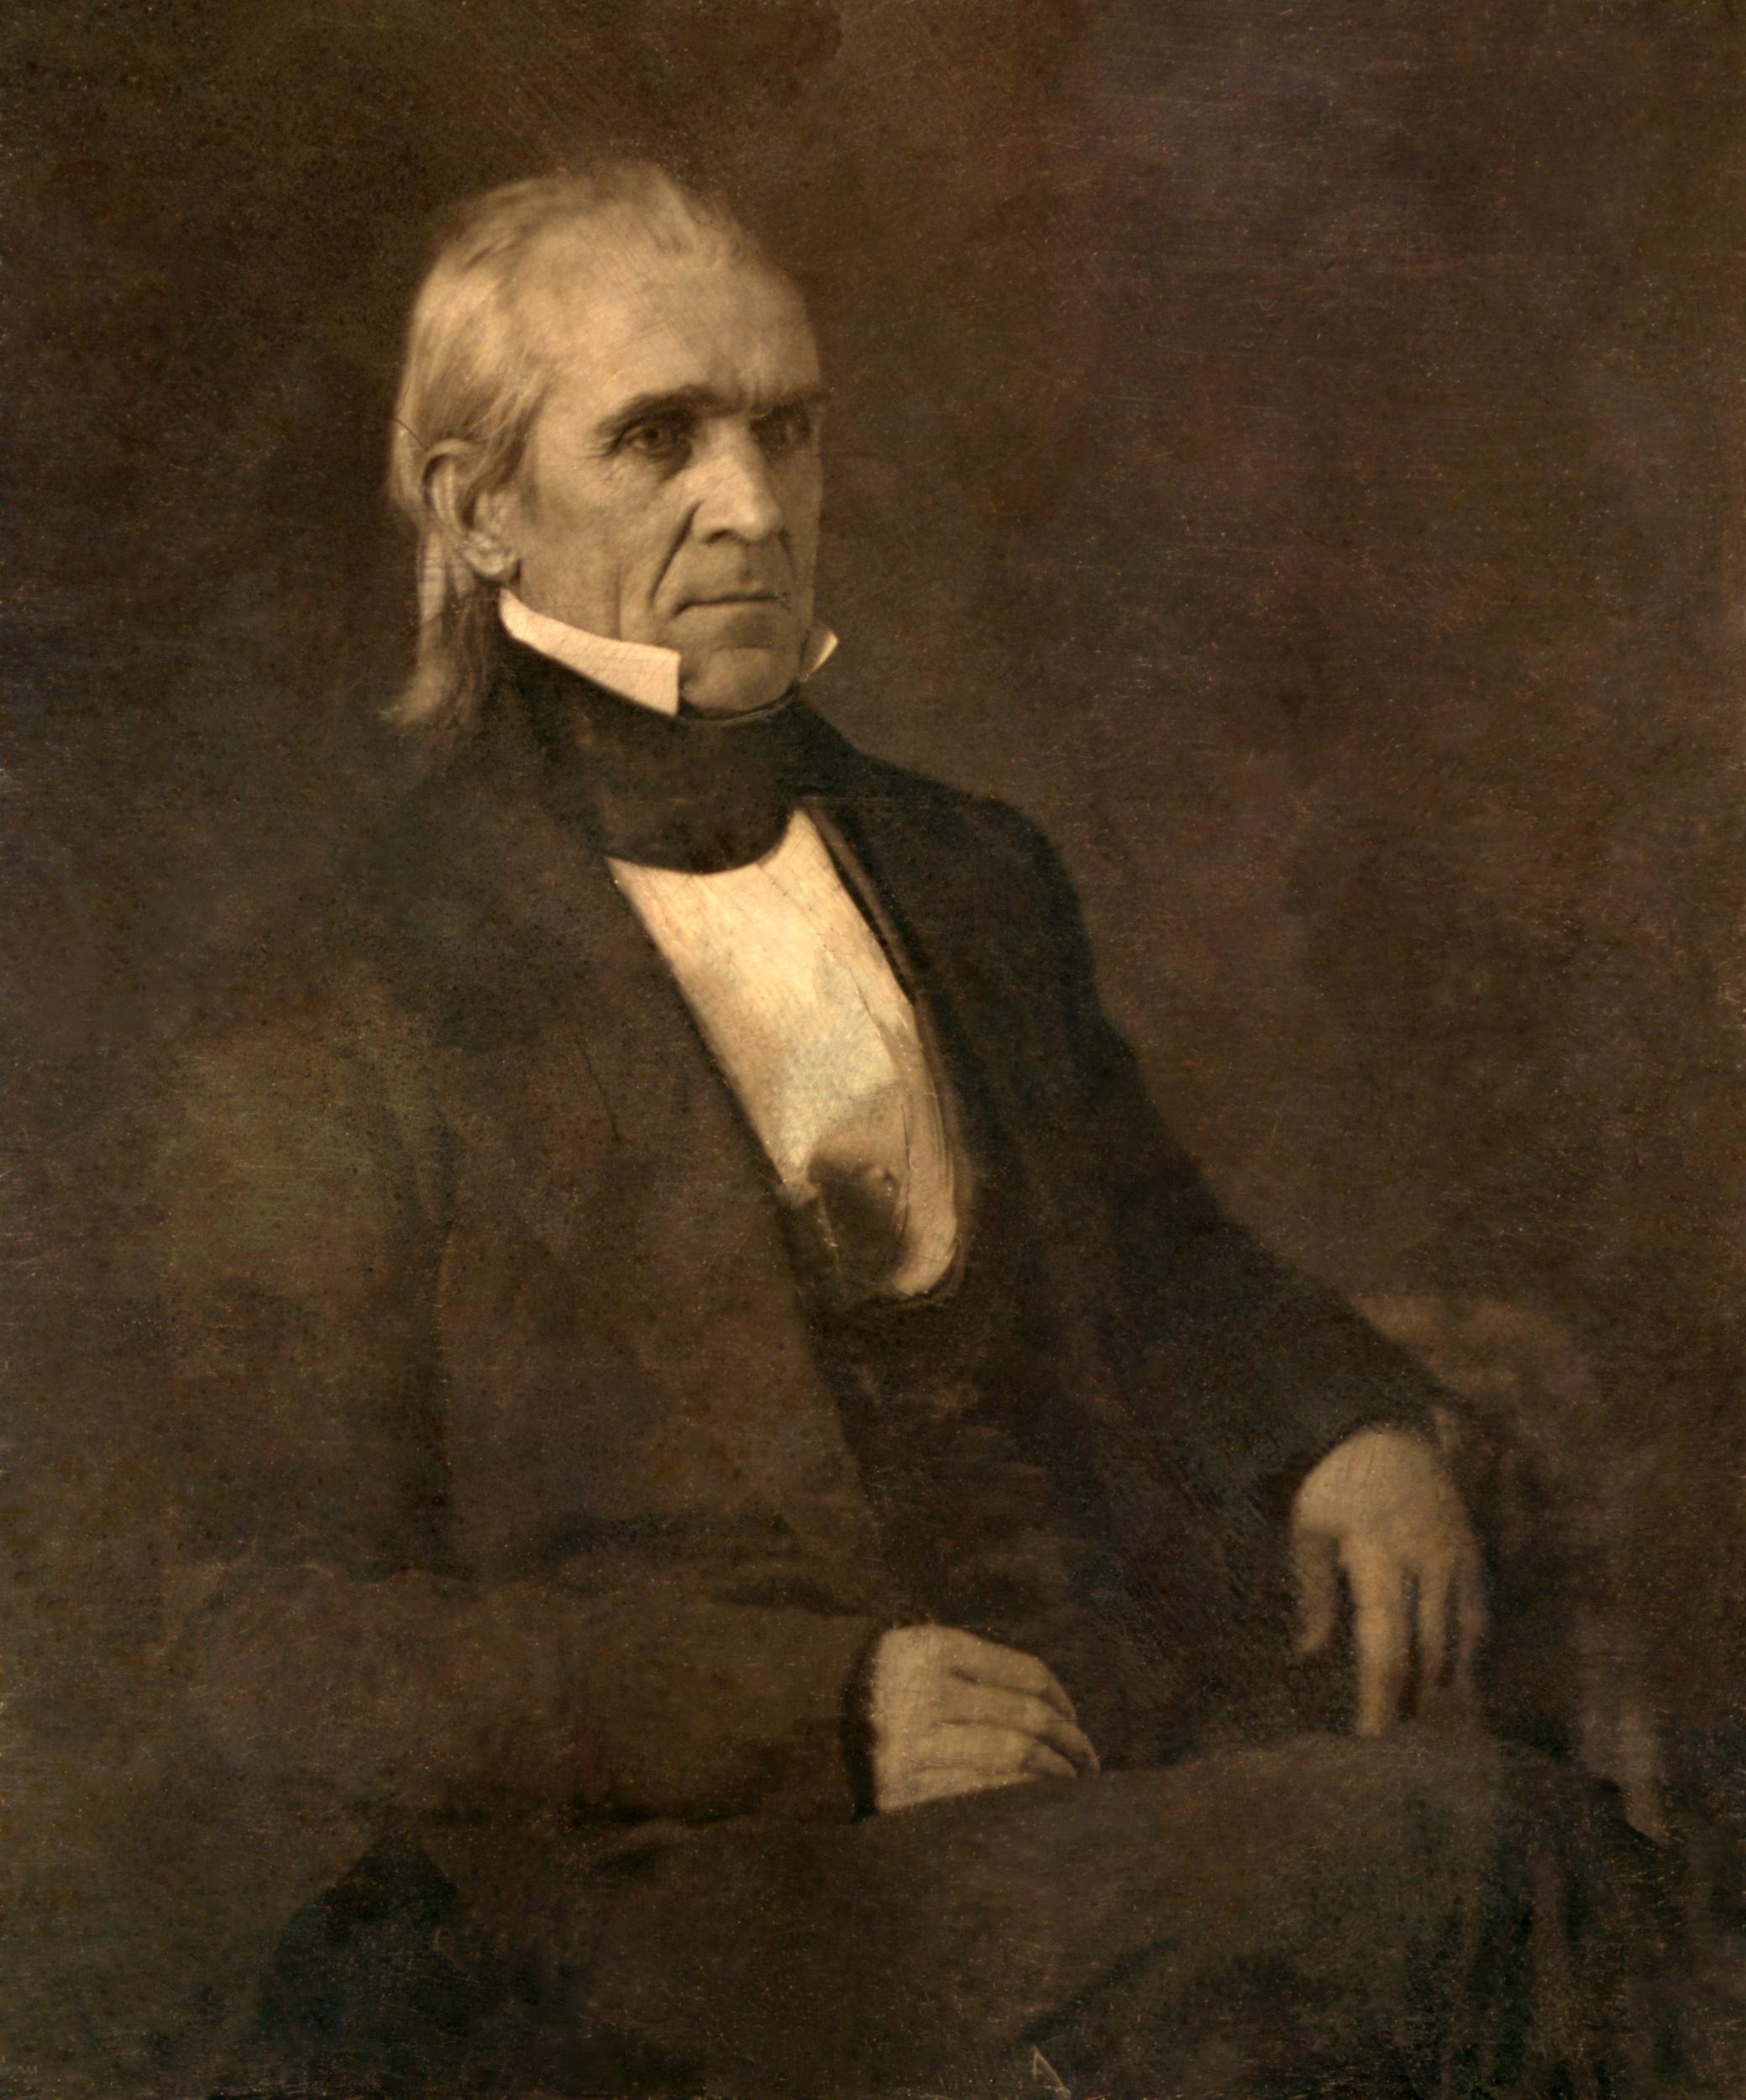 Depiction of James K. Polk